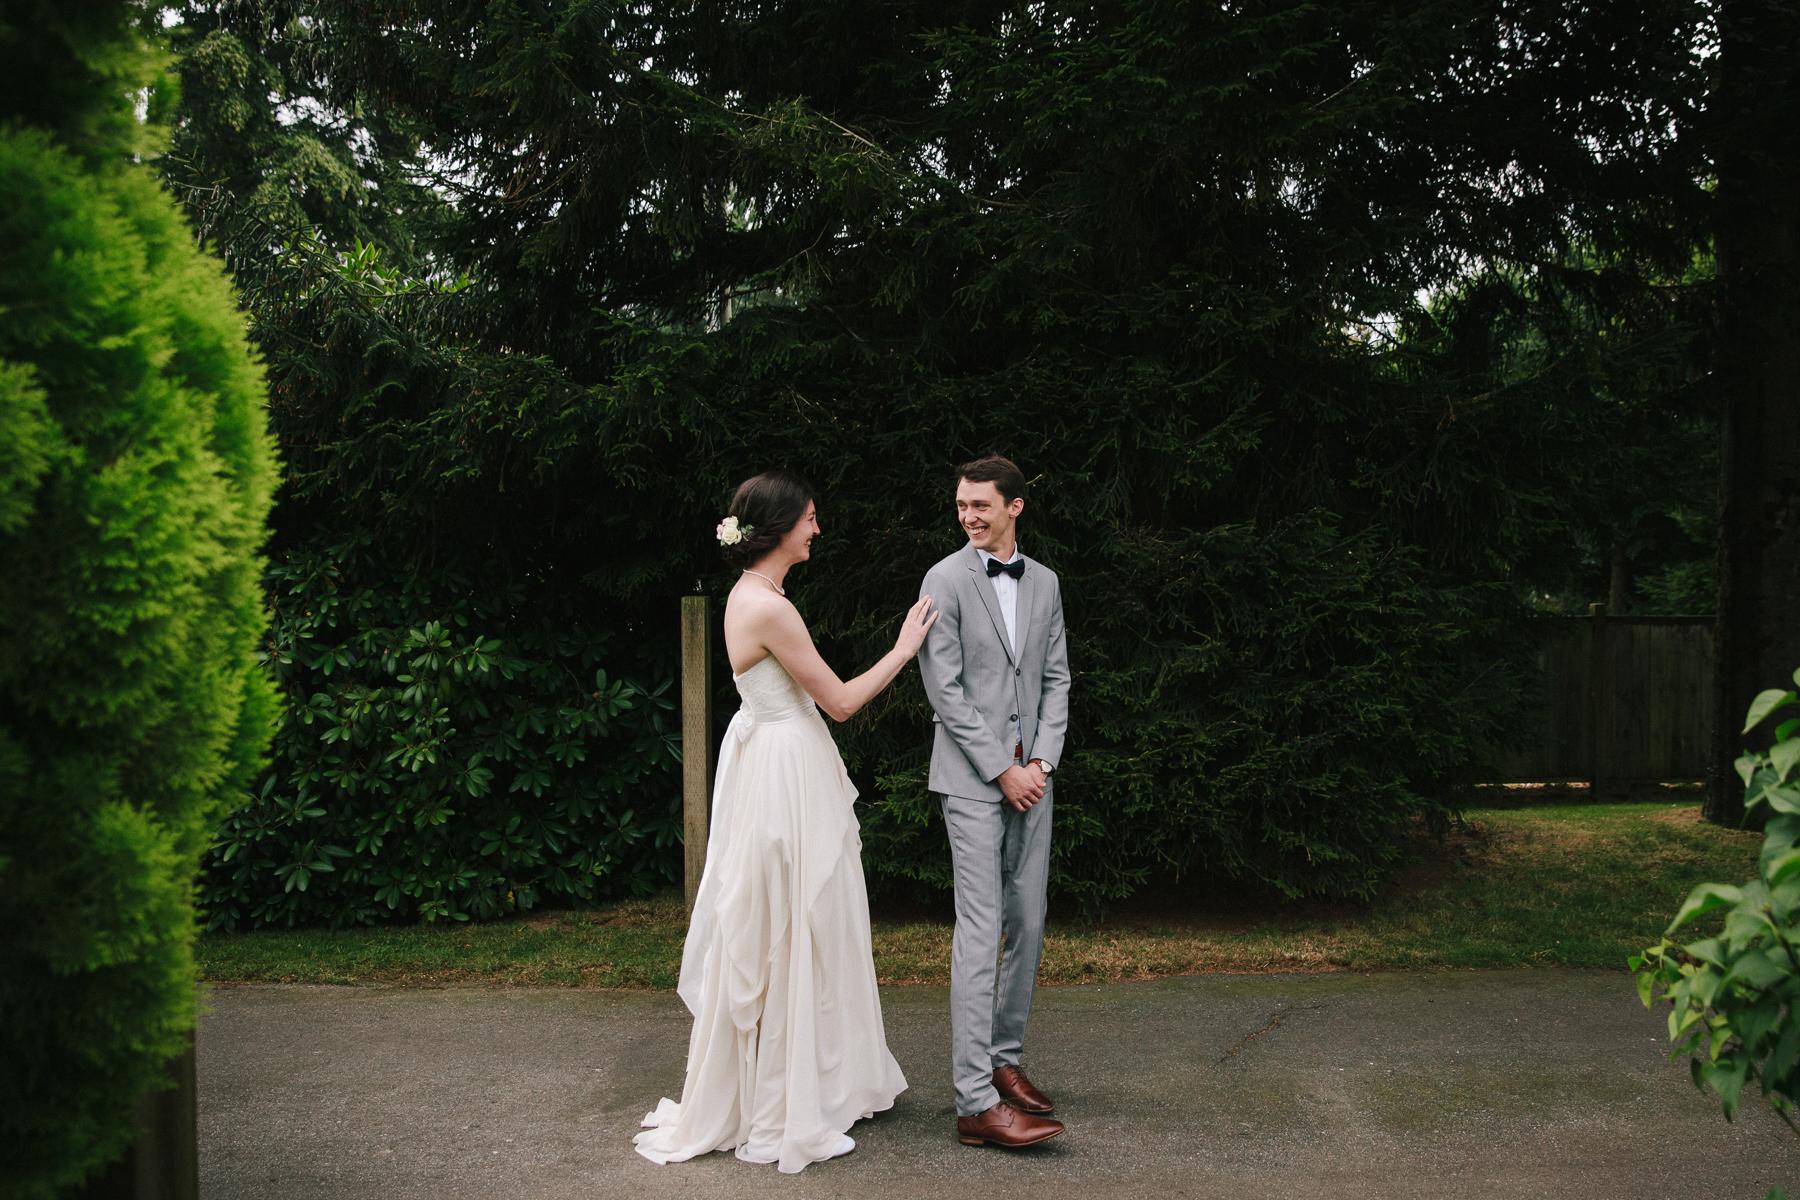 Vancouver-Rustic-Farm-Wedding-KB-041.jpg